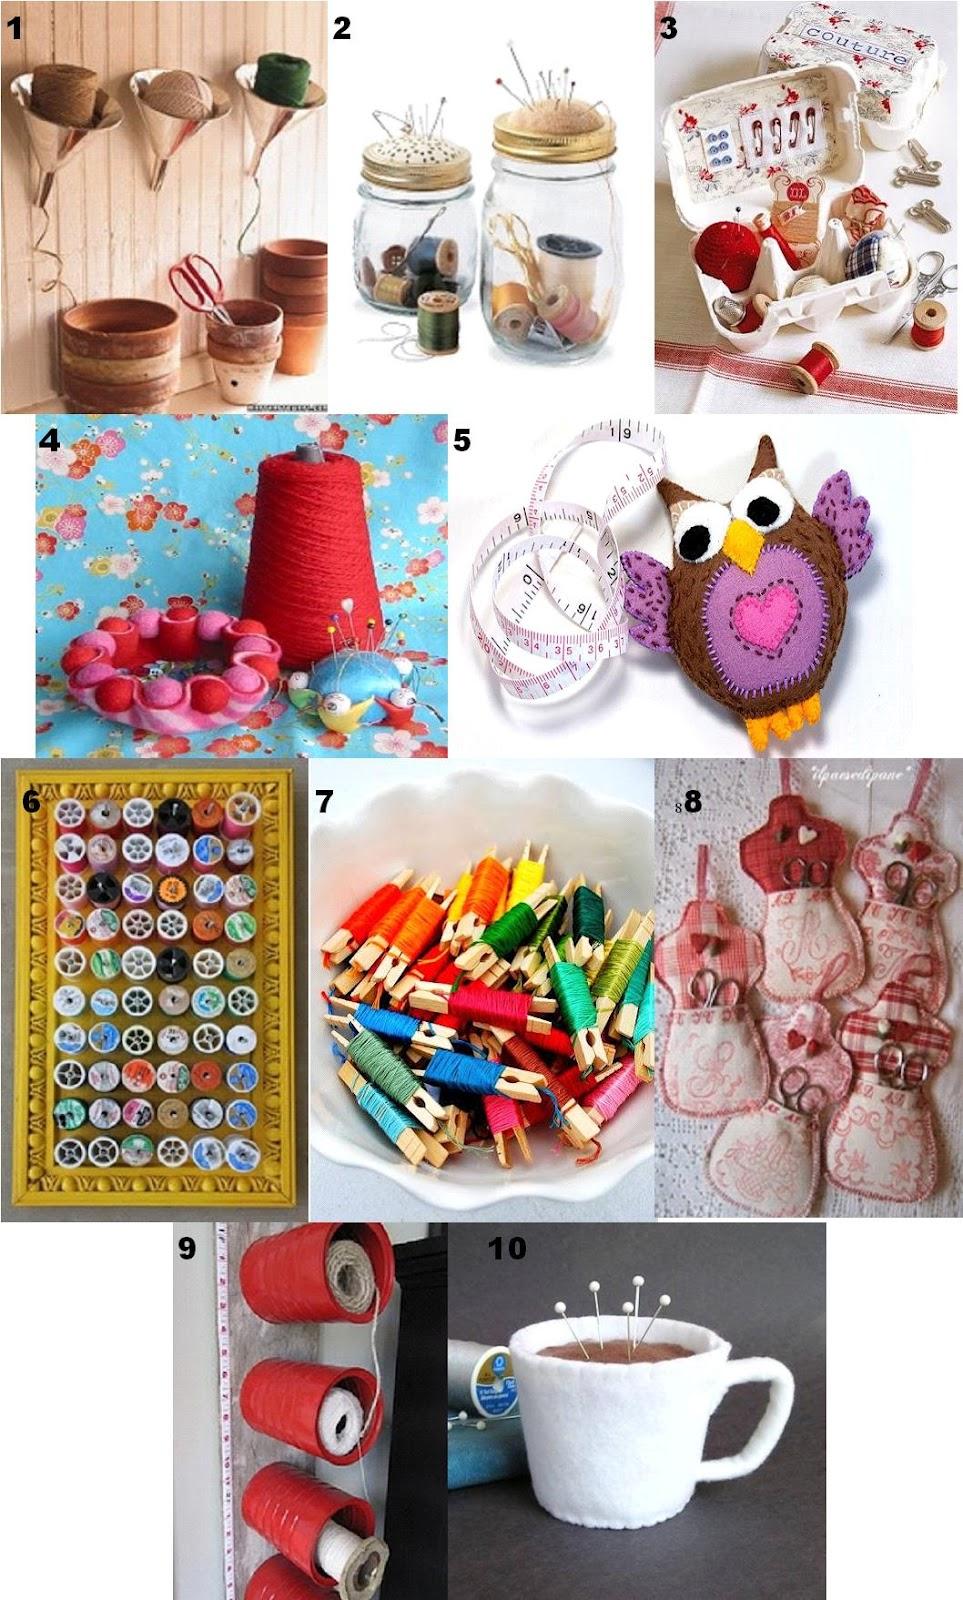 La craft room dei miei sogni - Scatola porta rocchetti ...